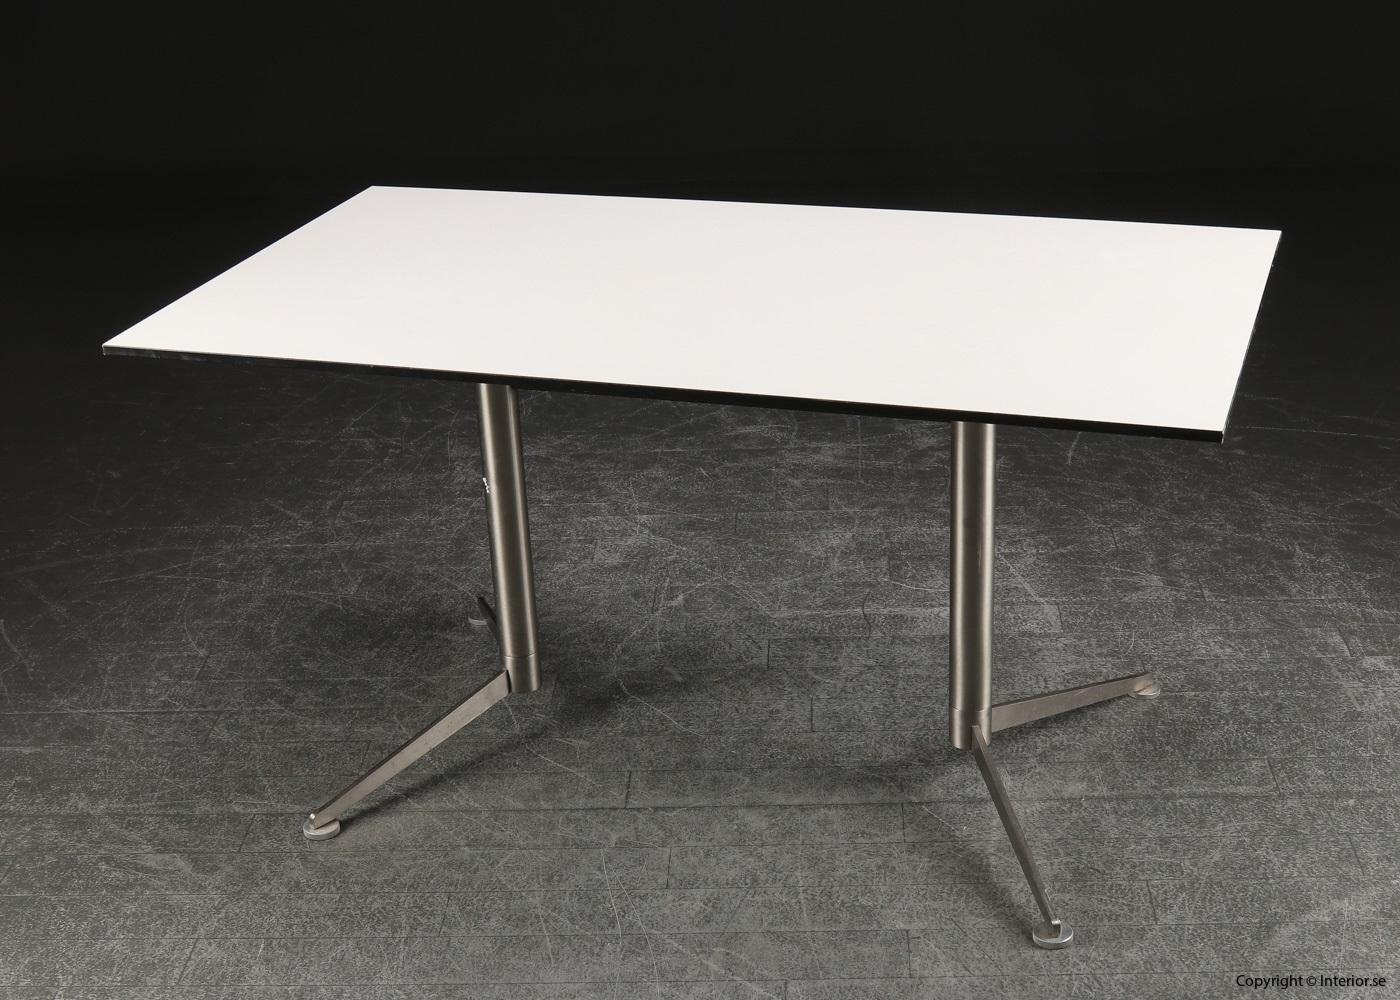 1 Paustian Spinal Table 140 cm Paul Leroy (2)